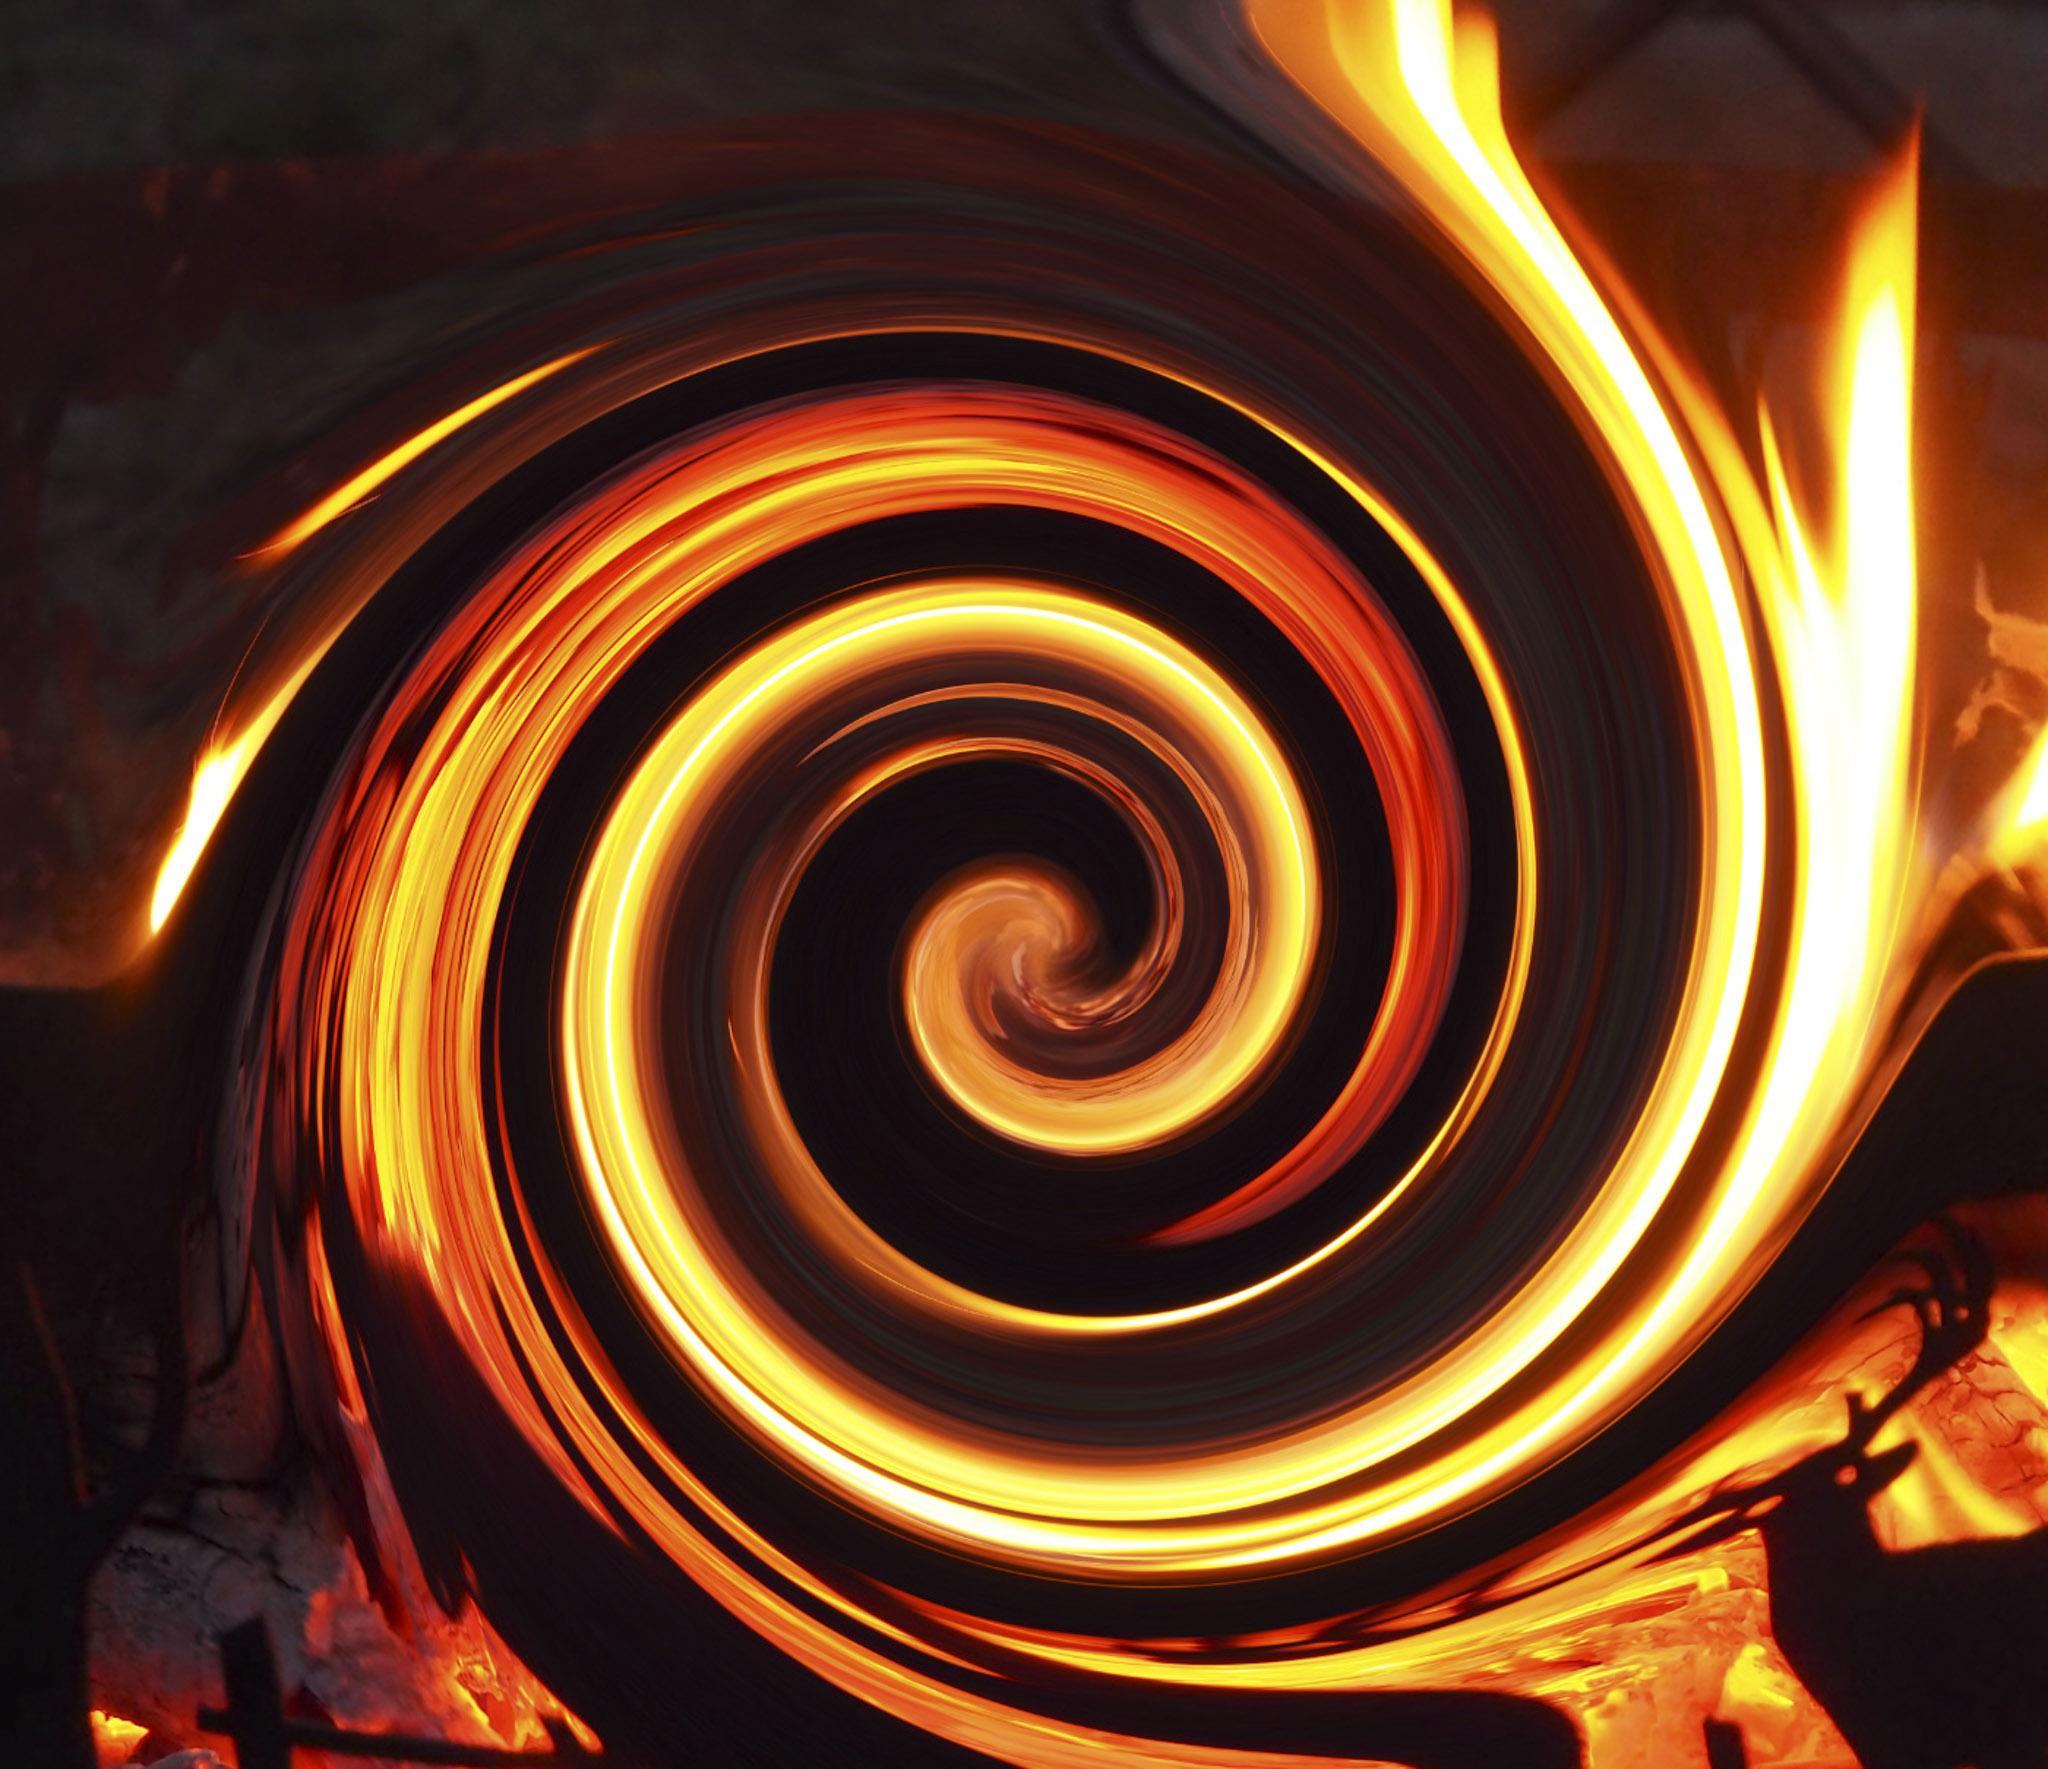 Fire twirl